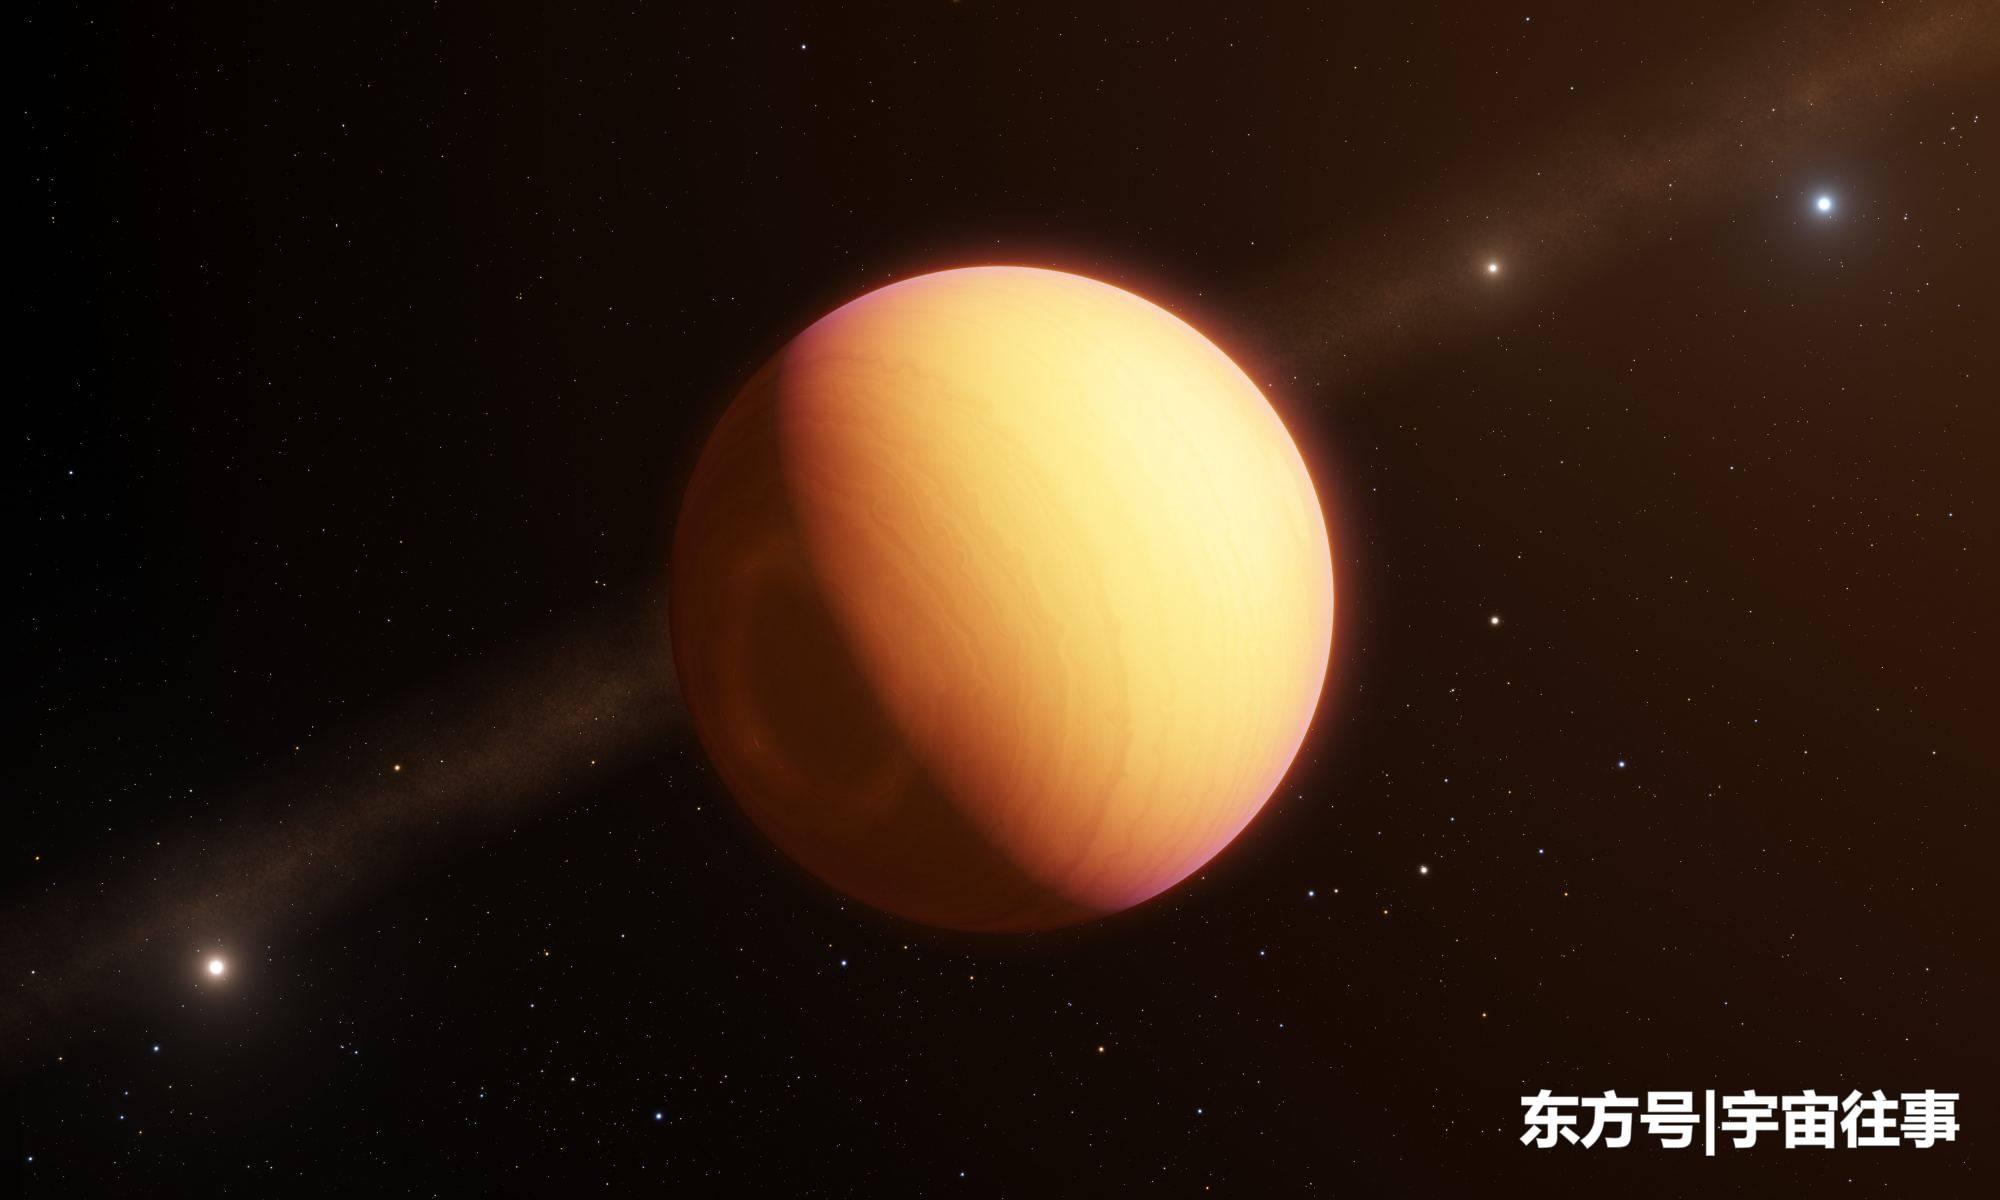 一年仅1.3天!天文学家发现一颗不该存在的行星